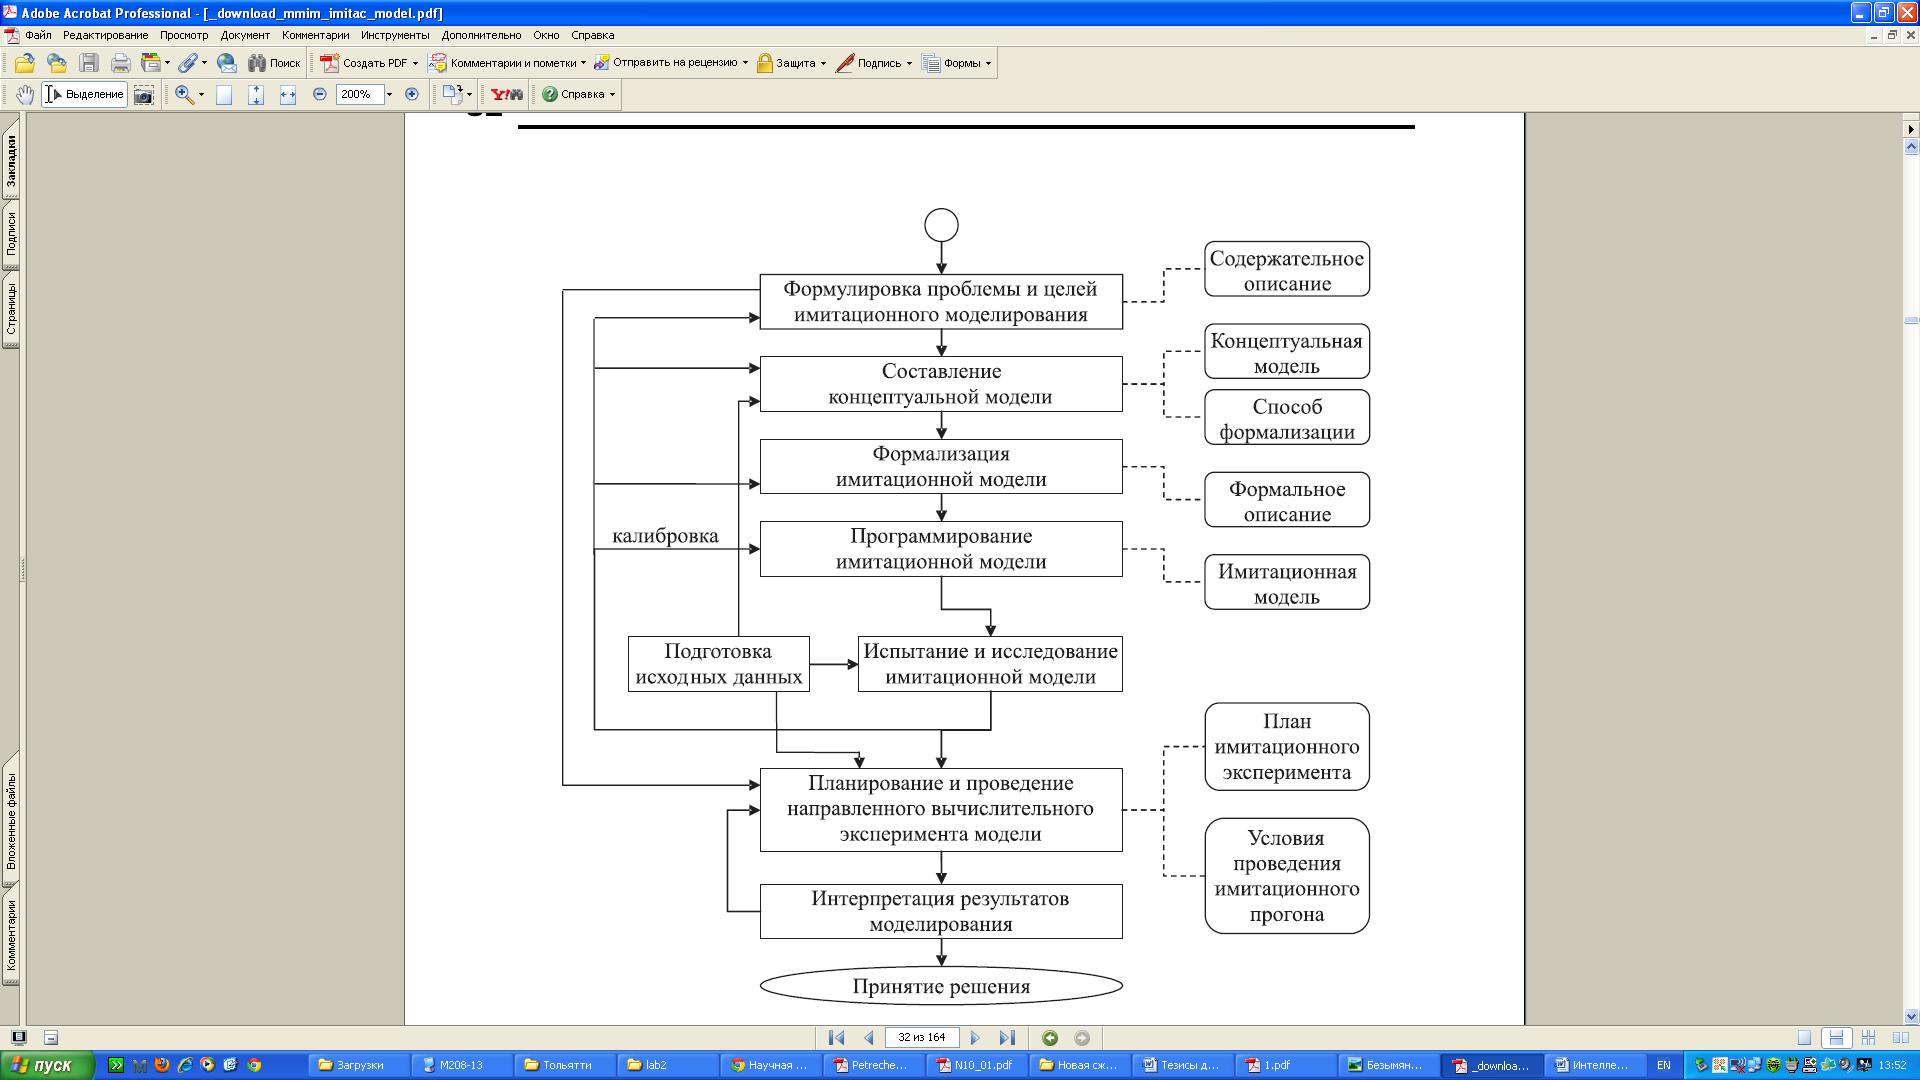 Программа имитационного моделирования скачать